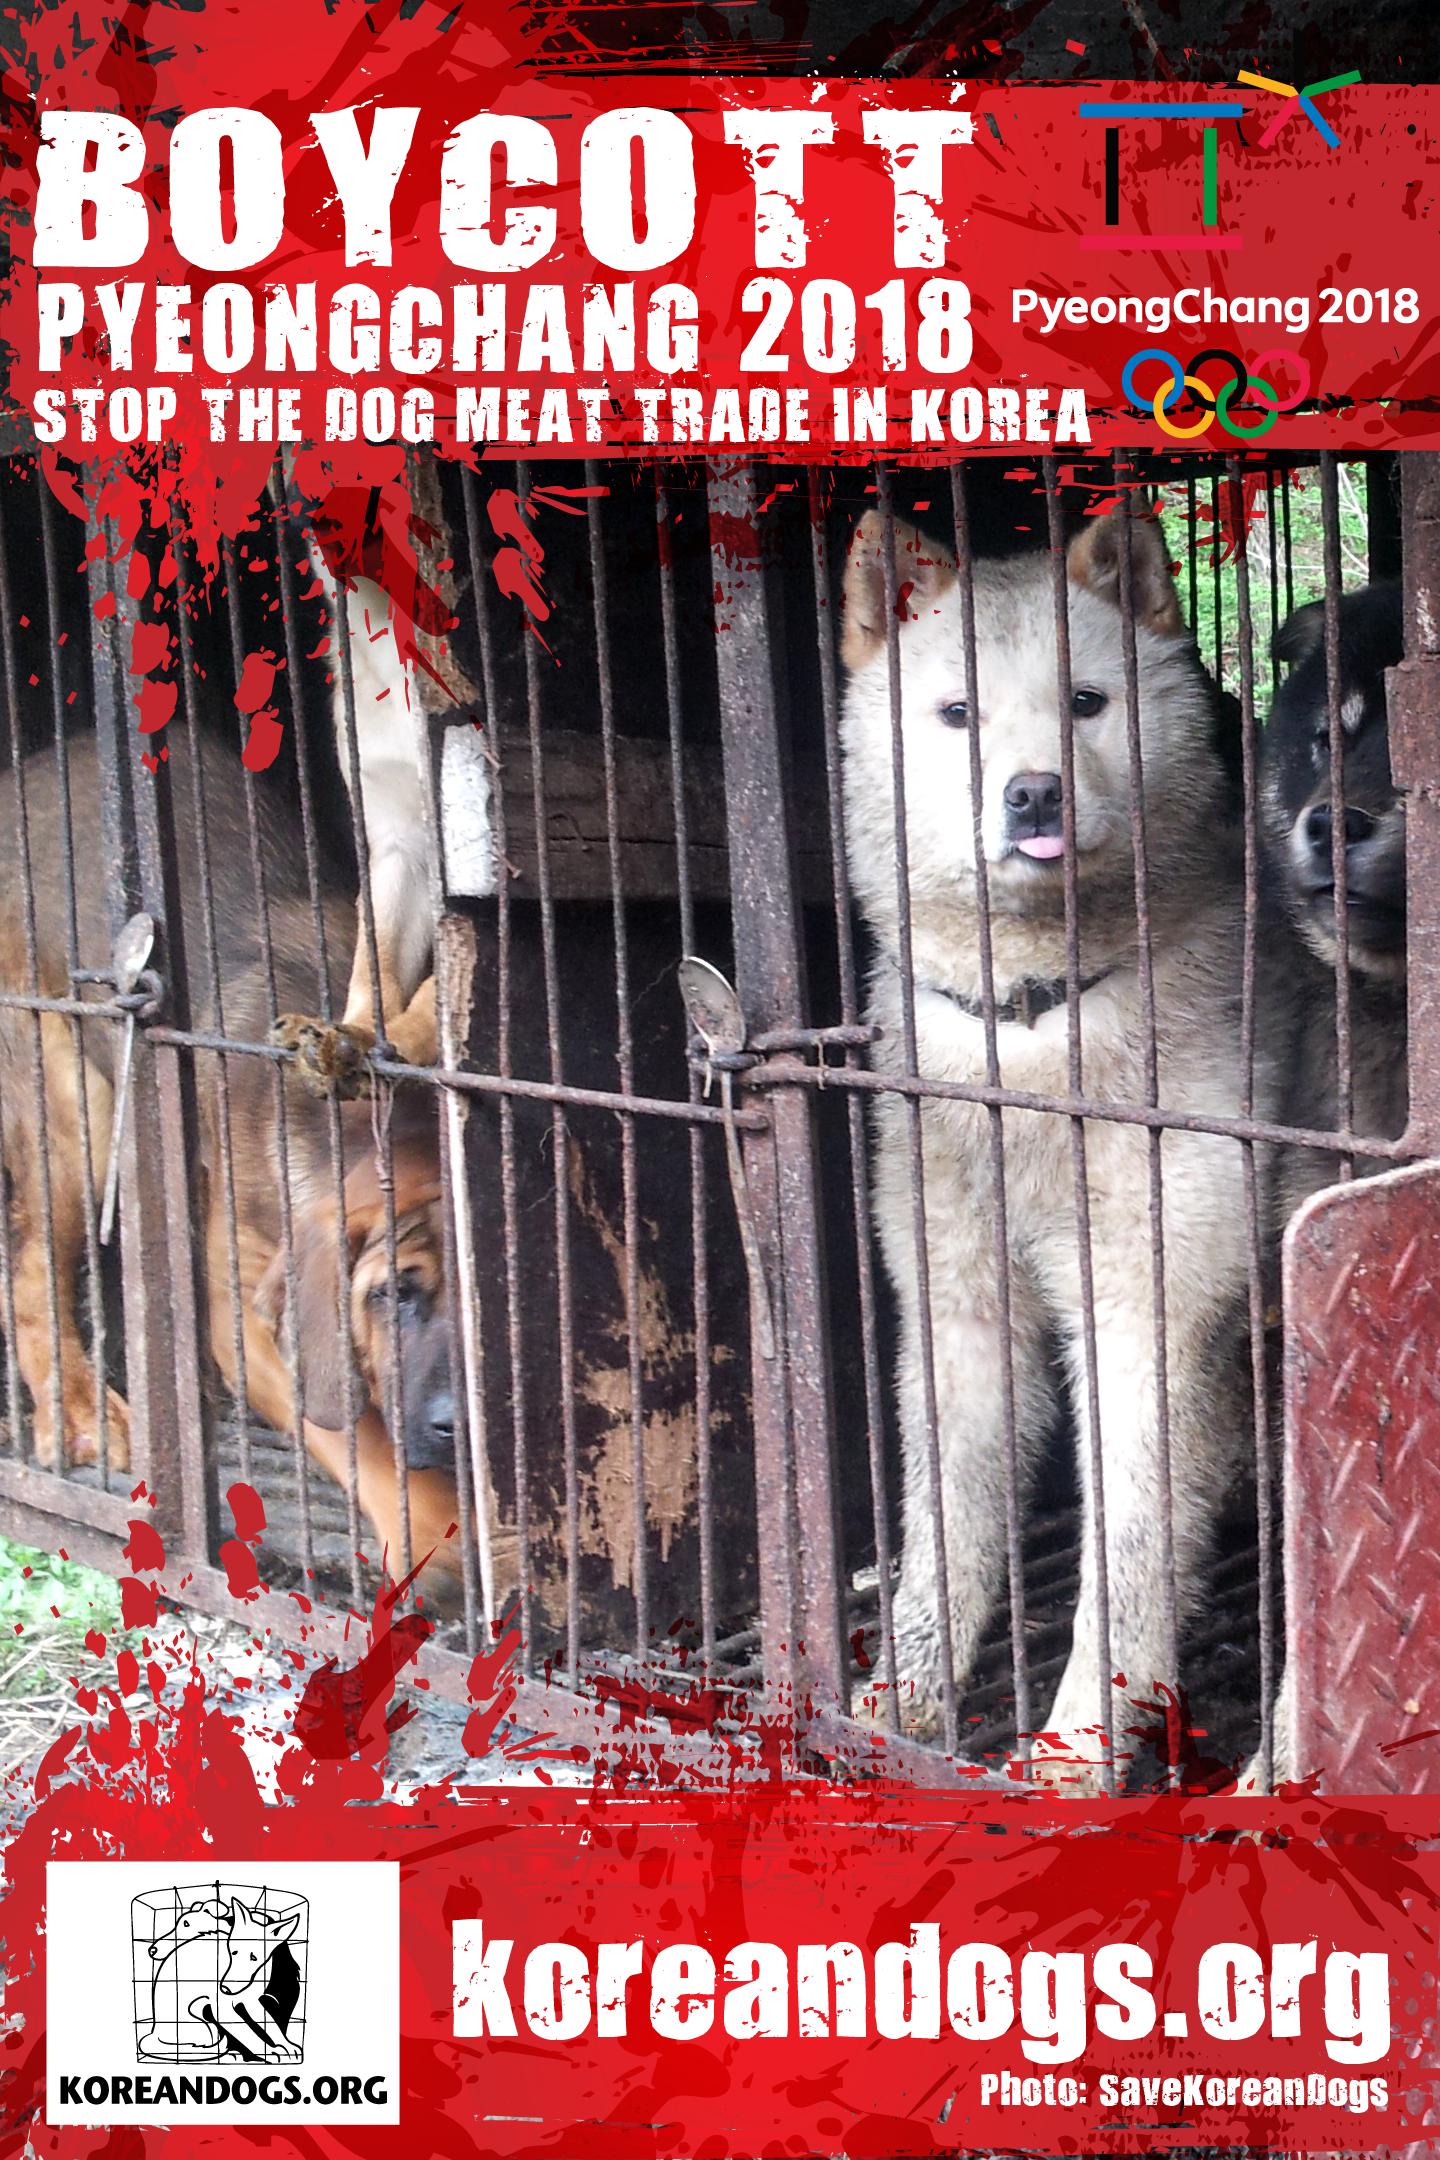 Boycott Pyeongchang 2018 Posters